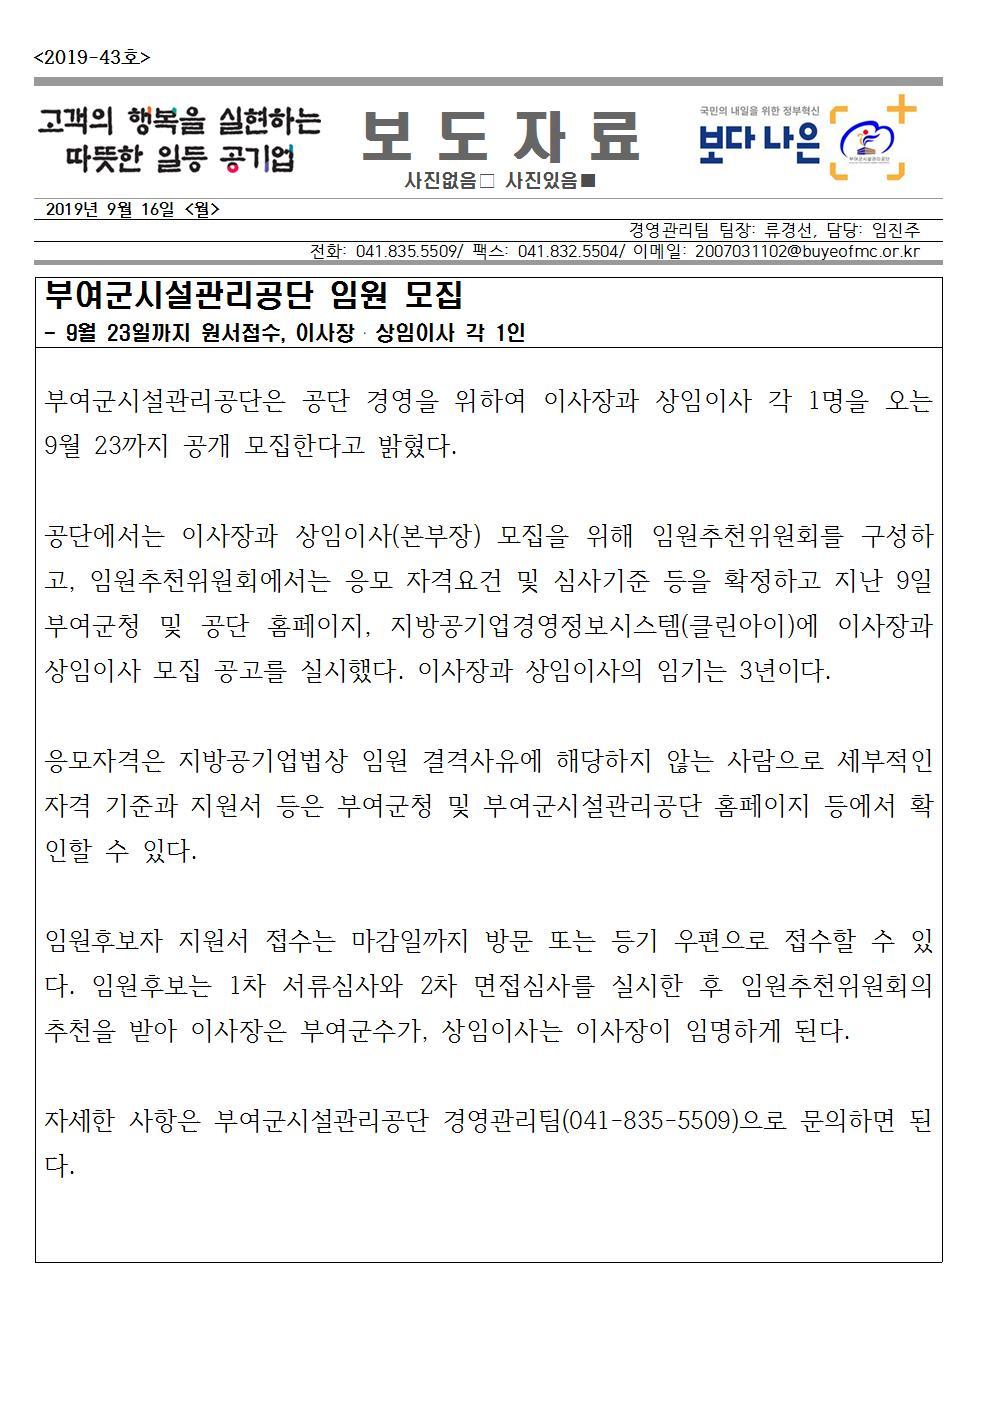 2019-43(경영관리팀)001.jpg